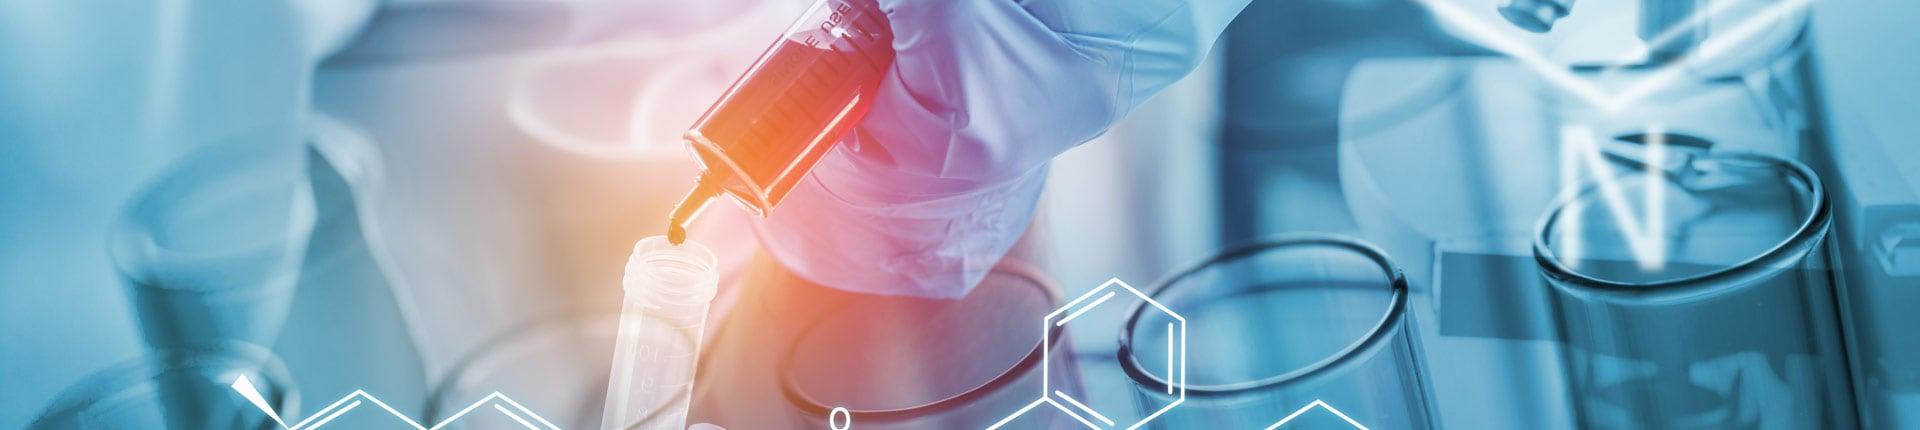 Resveratrol pomaga w odbudowie krążków kręgosłupa